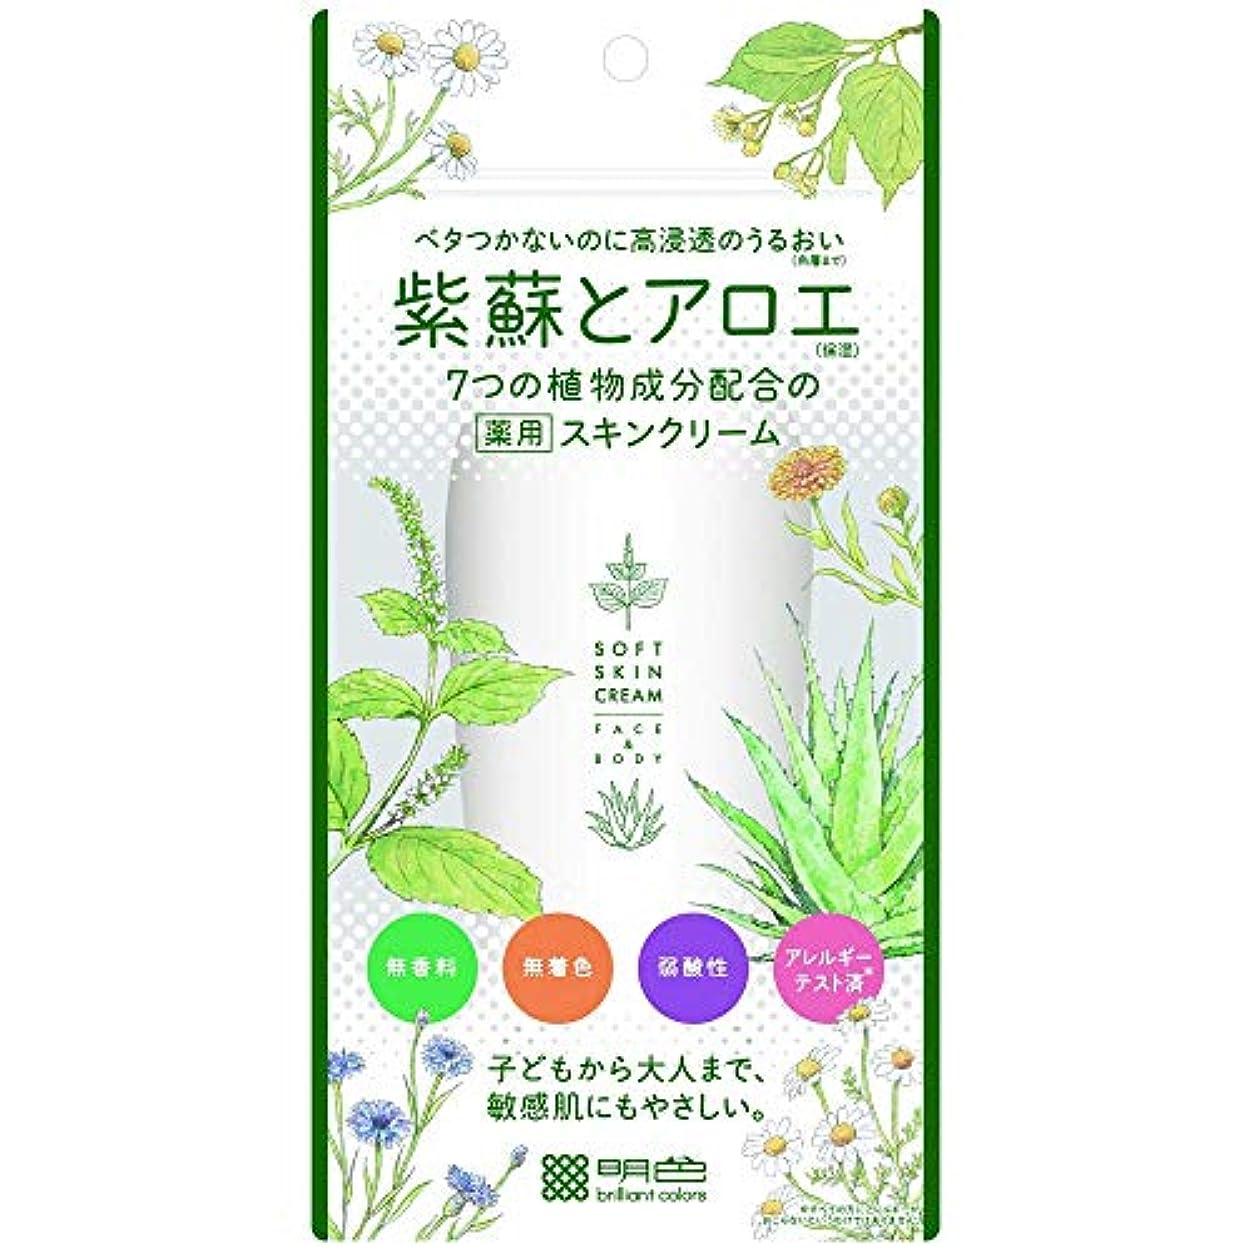 みすぼらしいテメリティ目覚める【3個セット】紫蘇とアロエ 薬用スキンクリーム 190g